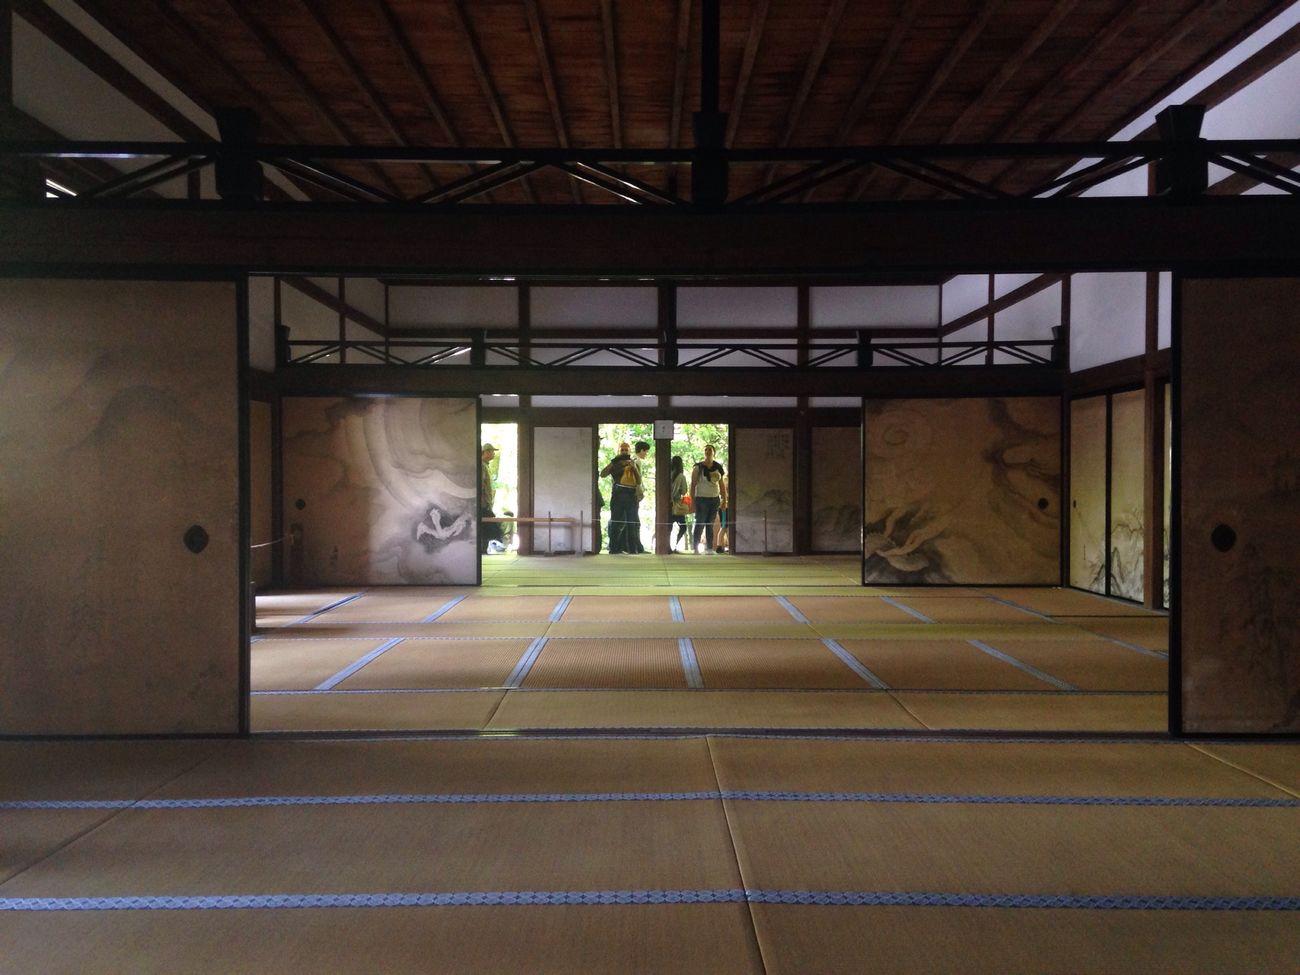 襖に描かれた竜見たかった 畳 Temple 竜安寺 Strawmats Traditional Kyoto Sunlight Springtime Spring